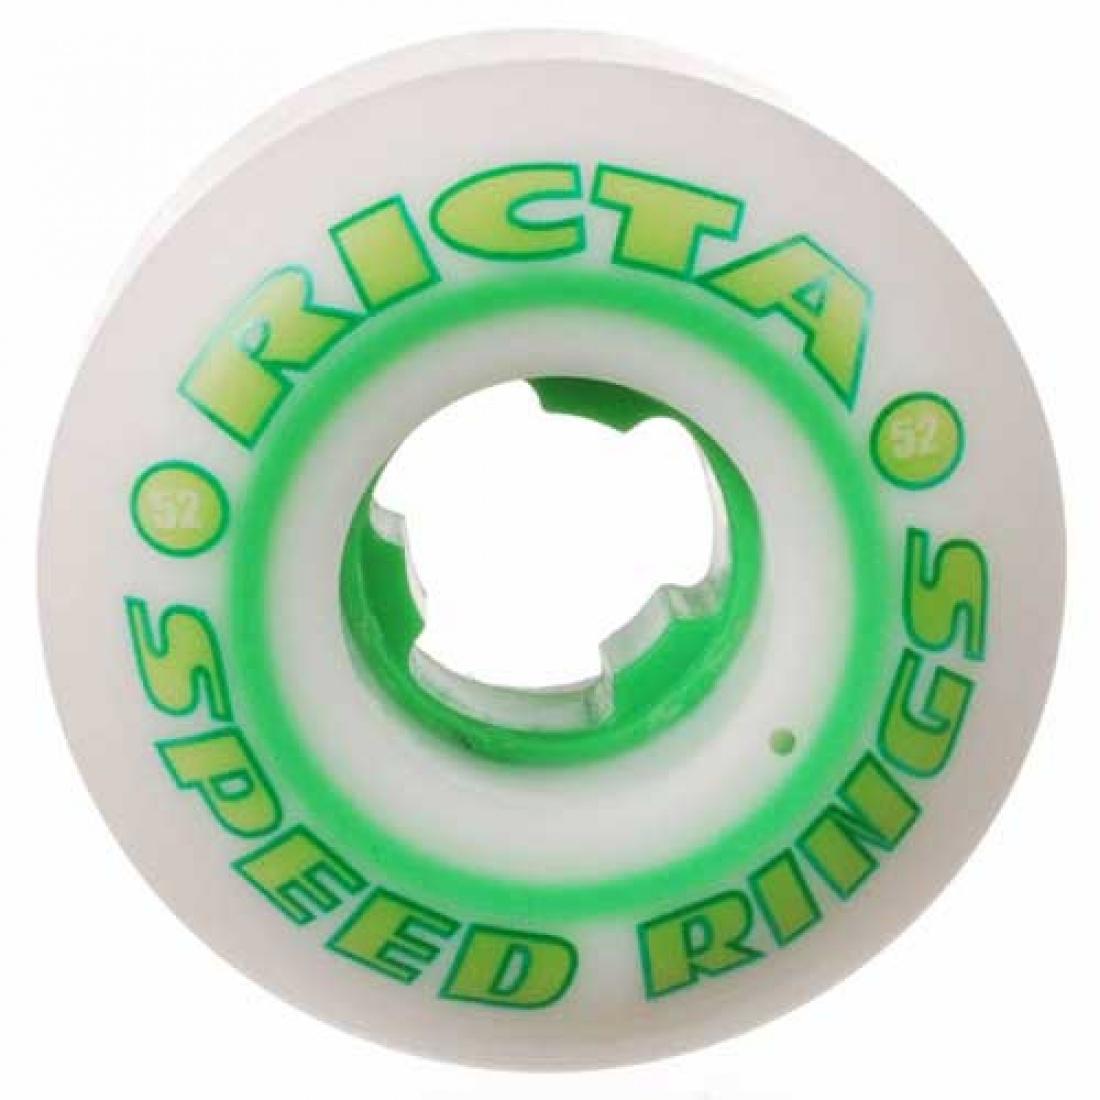 RCA-Speedrings 81b White/Green 52mm (Set of 4)